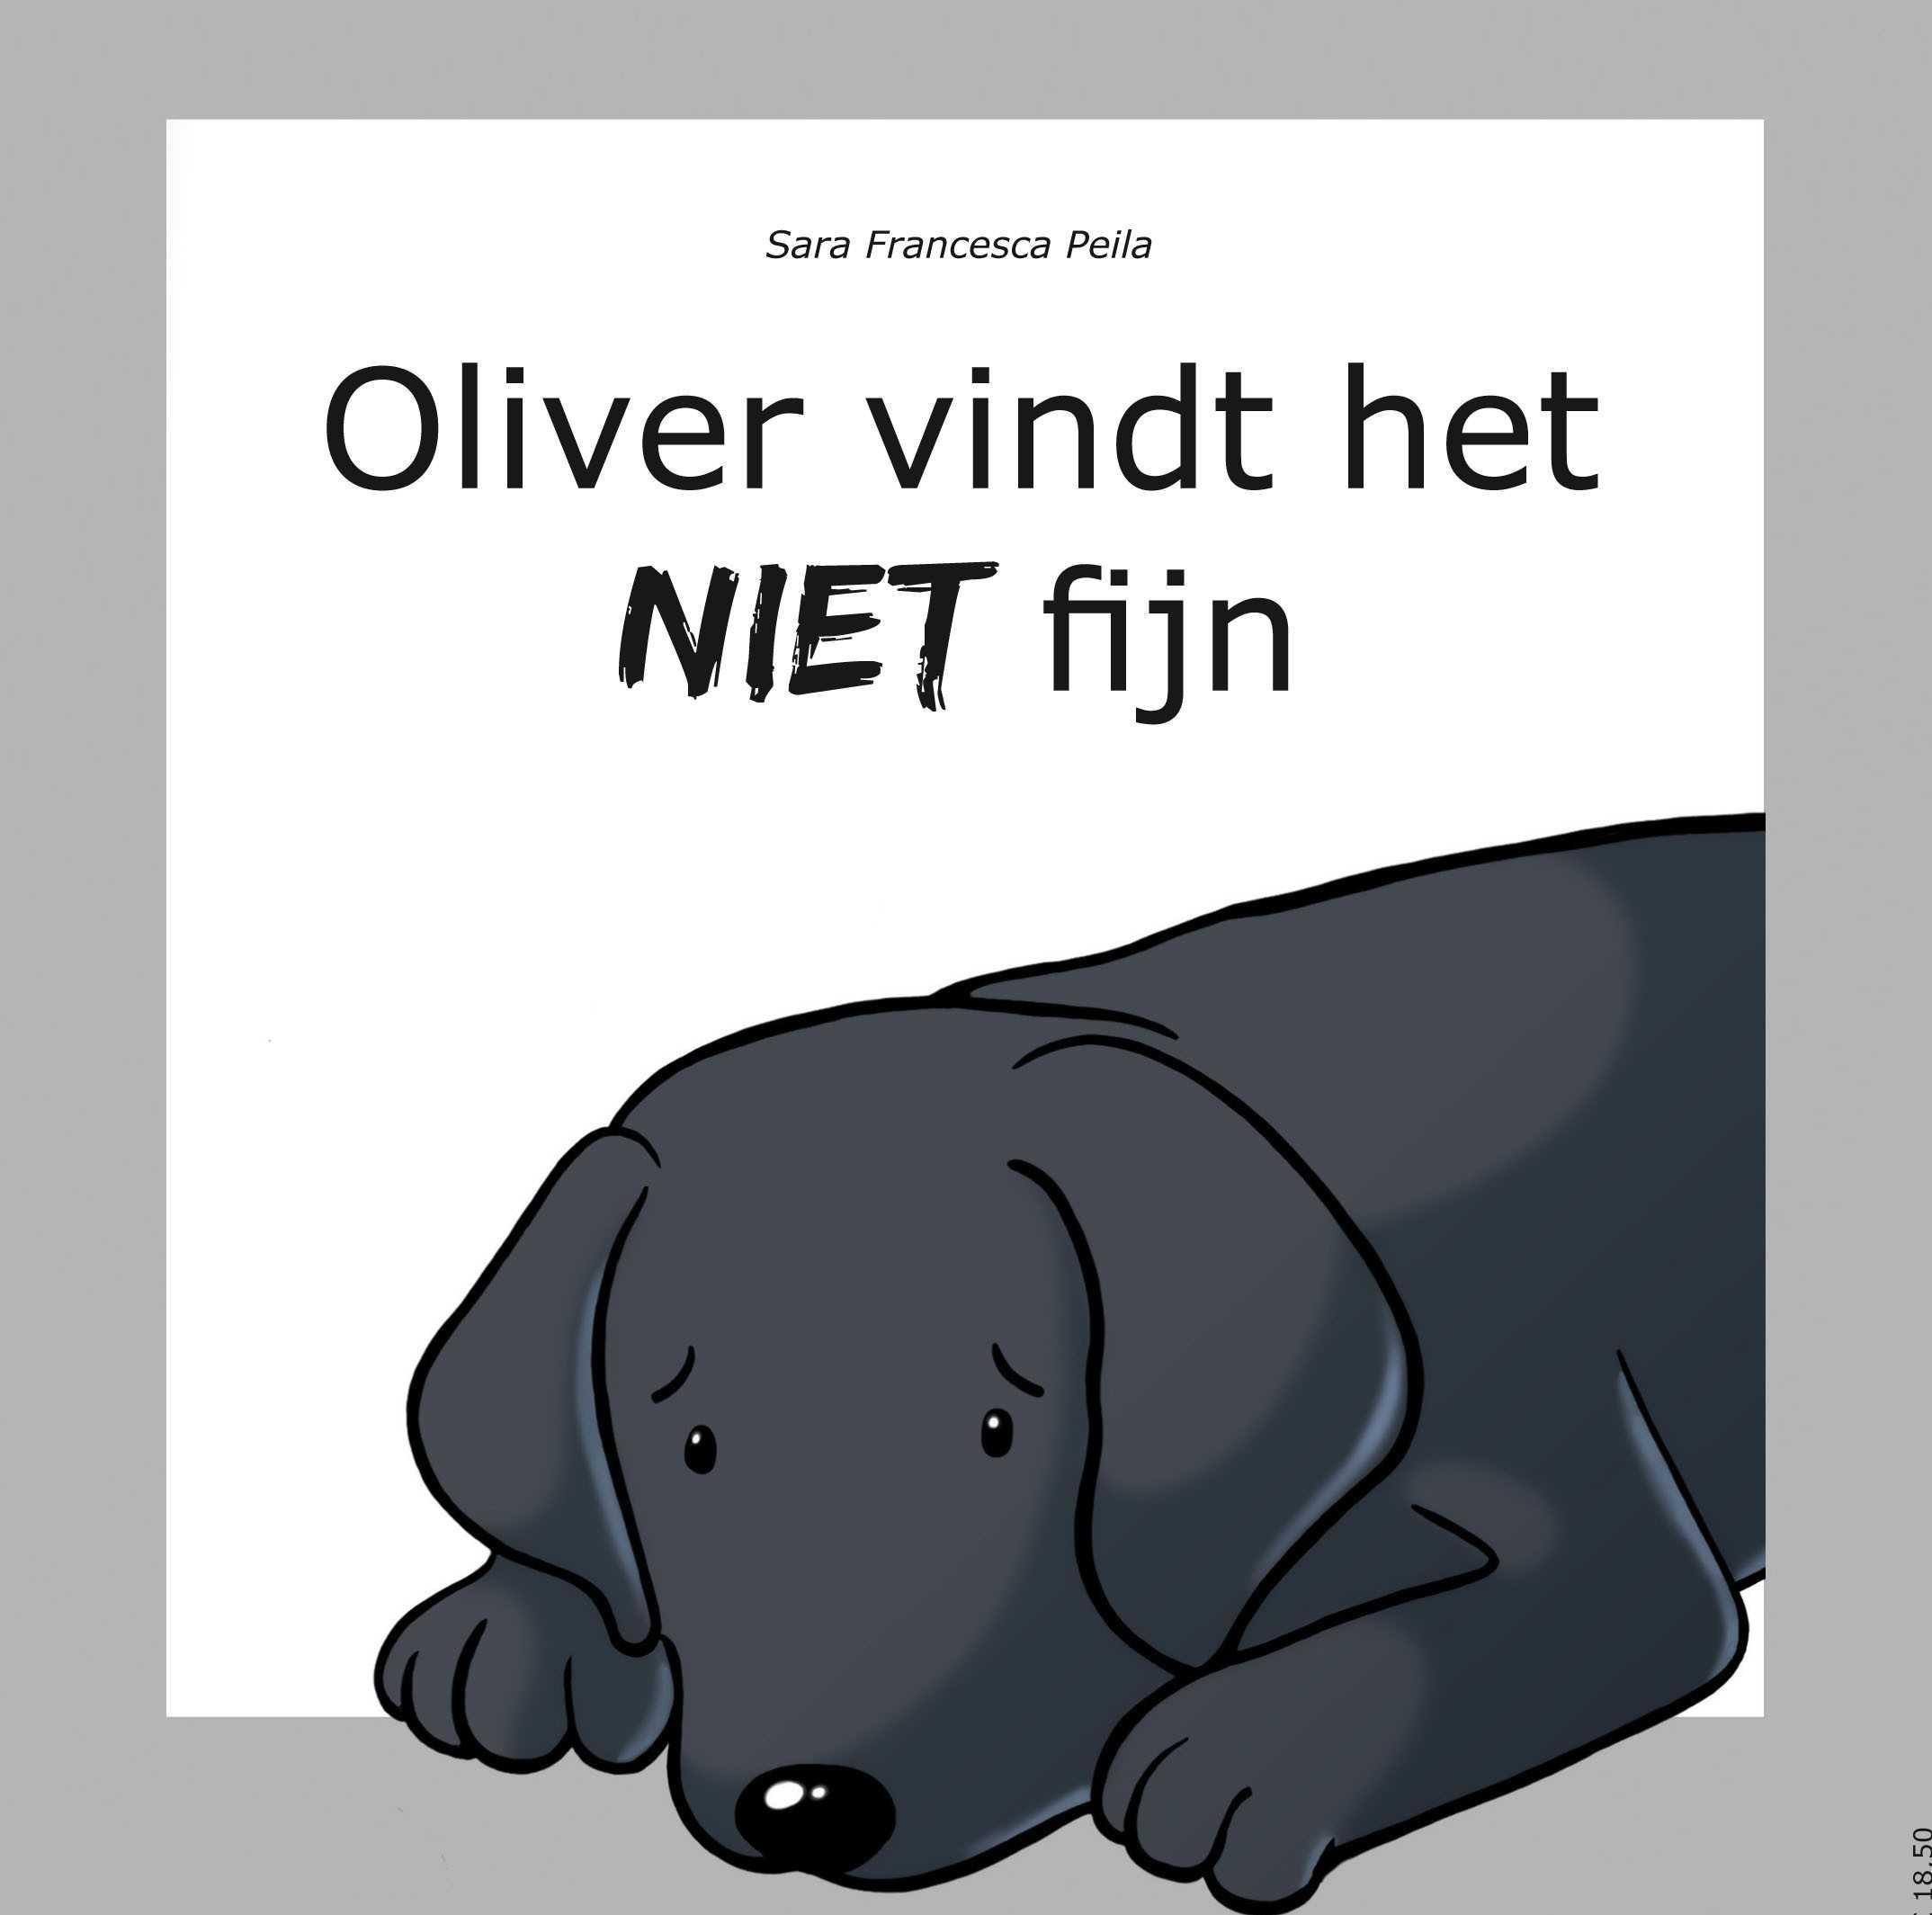 Oliver vindt het fijn - Oliver vindt het niet fijn